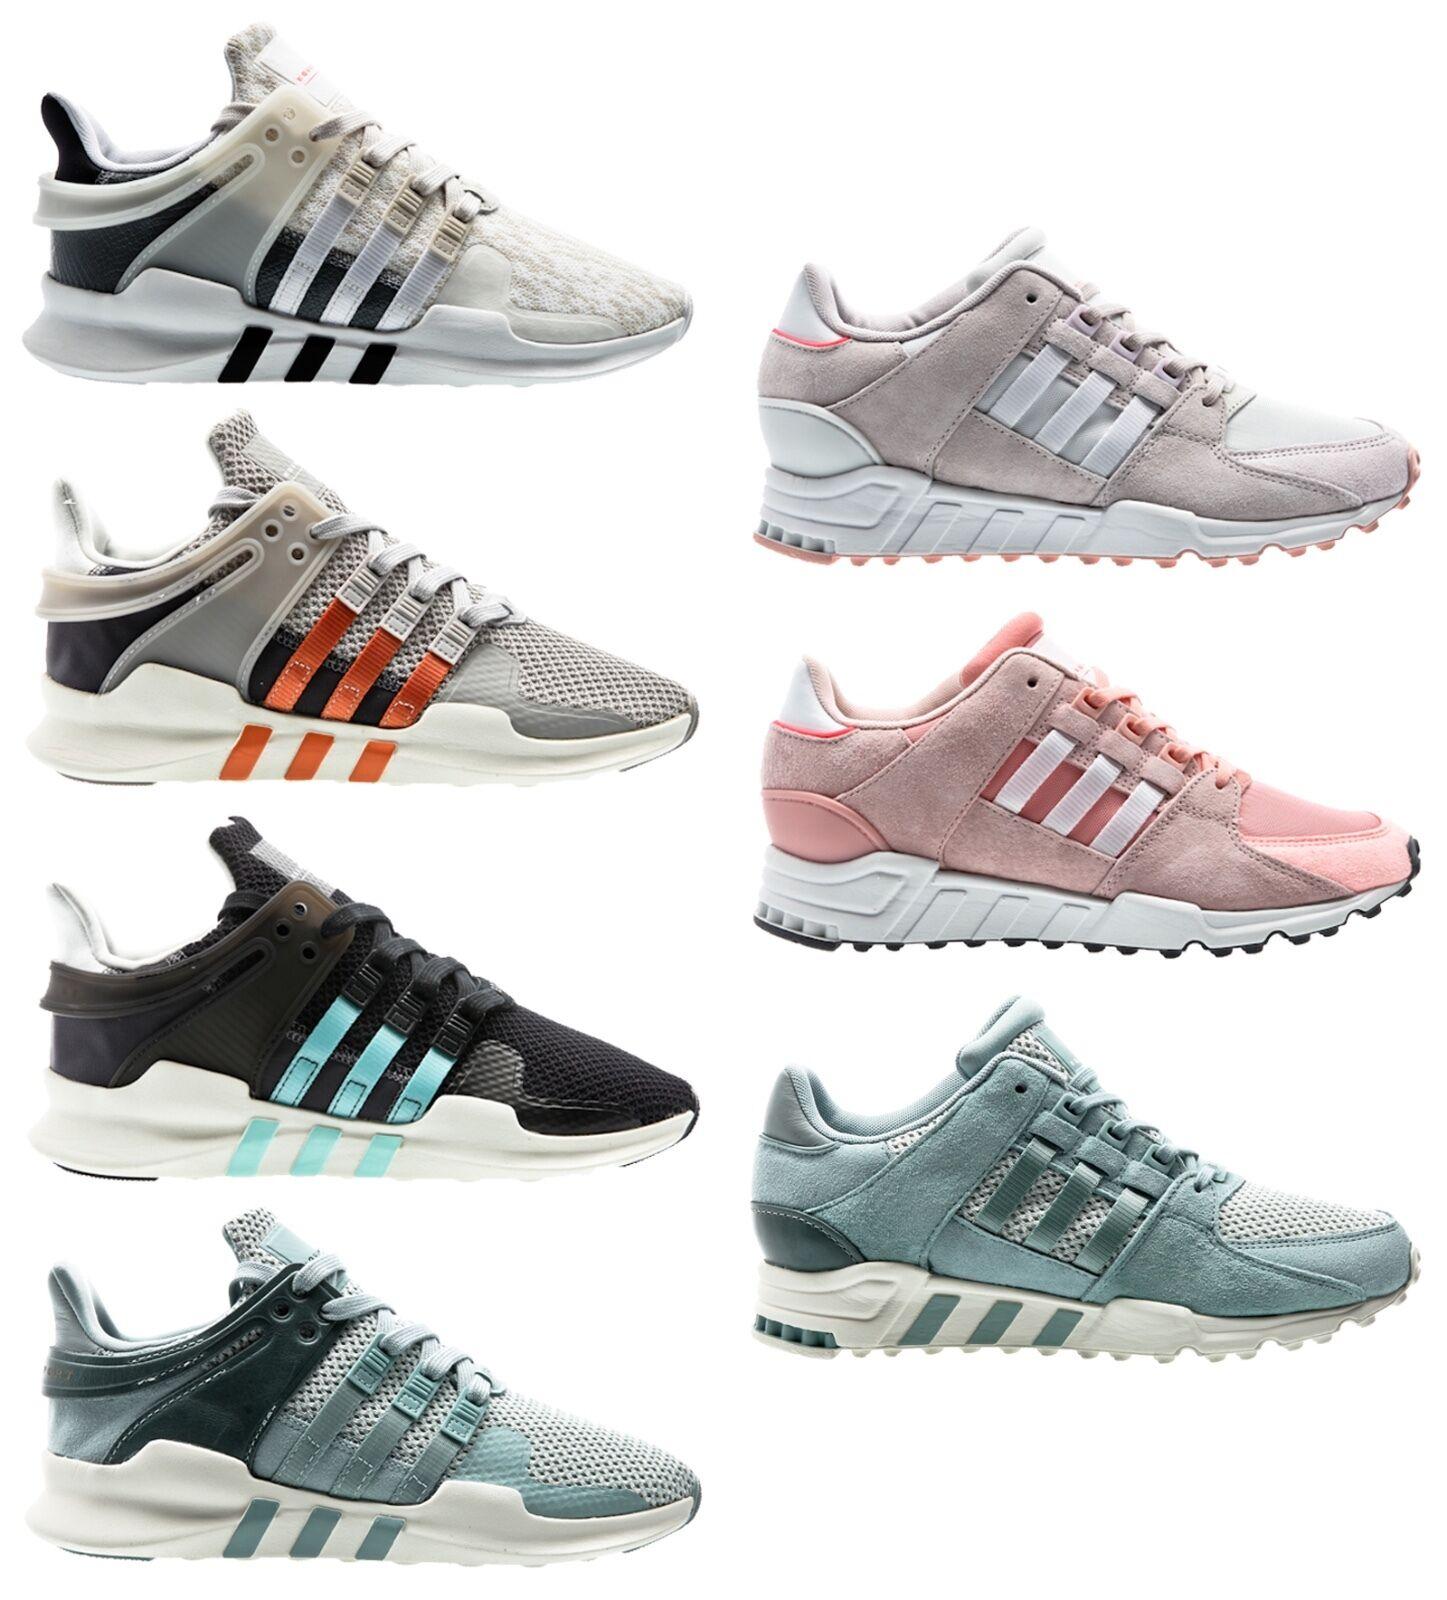 edición limitada en caliente Adidas EQT equipment equipment equipment support ADV RF W mujer cortos señora zapatos zapatos  tienda de venta en línea